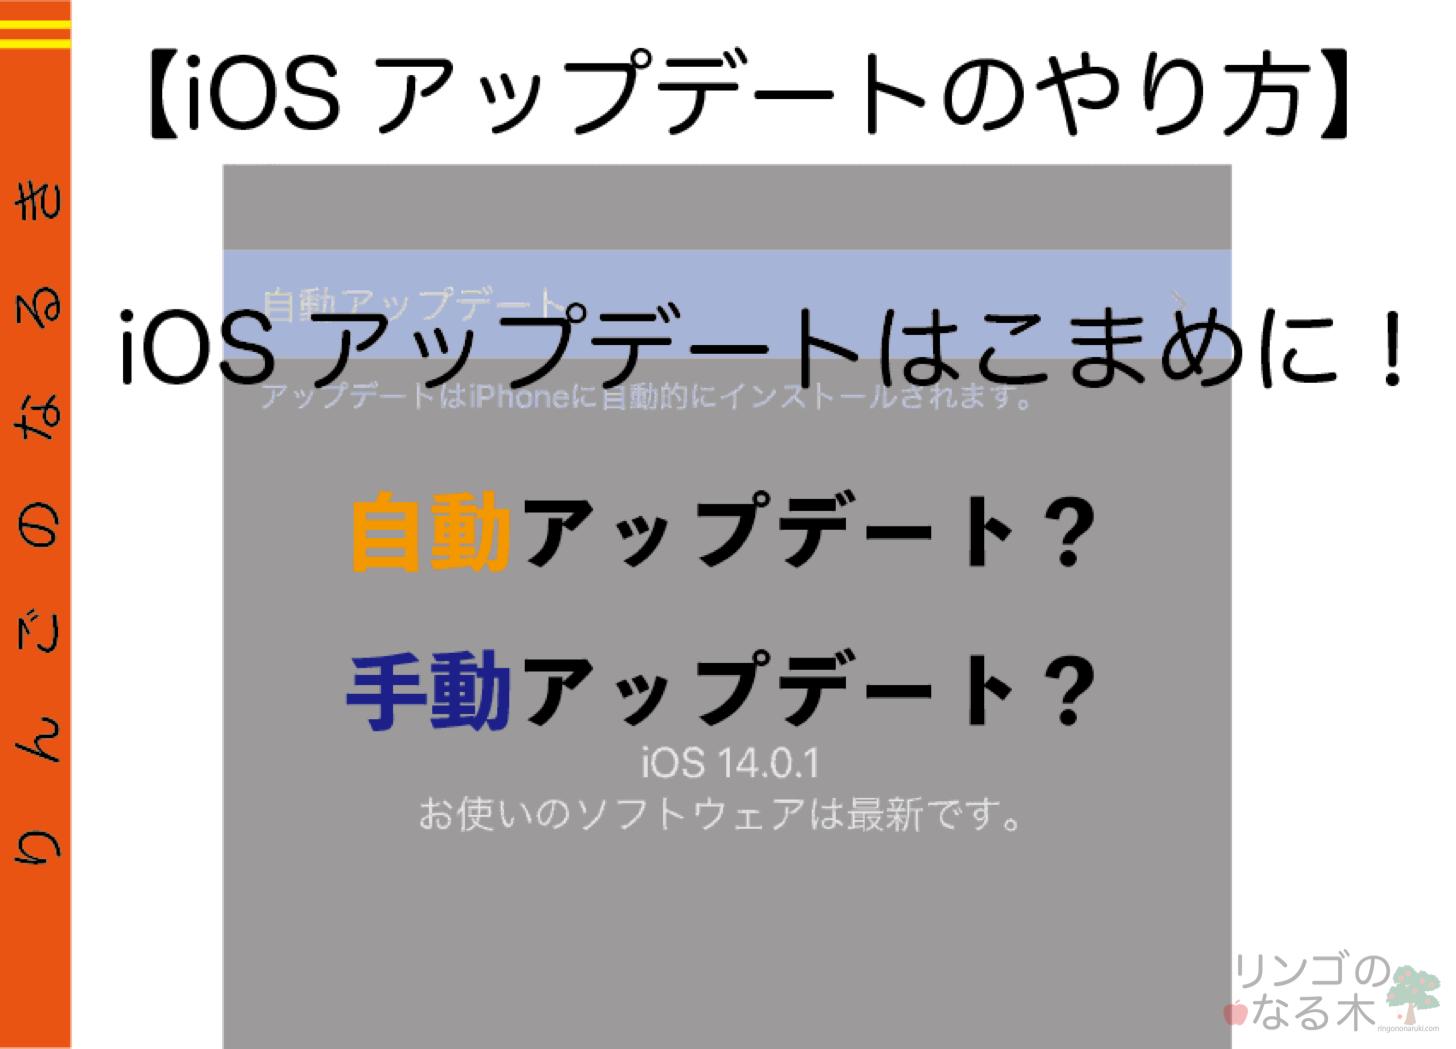 仕方 の iphone アップデート